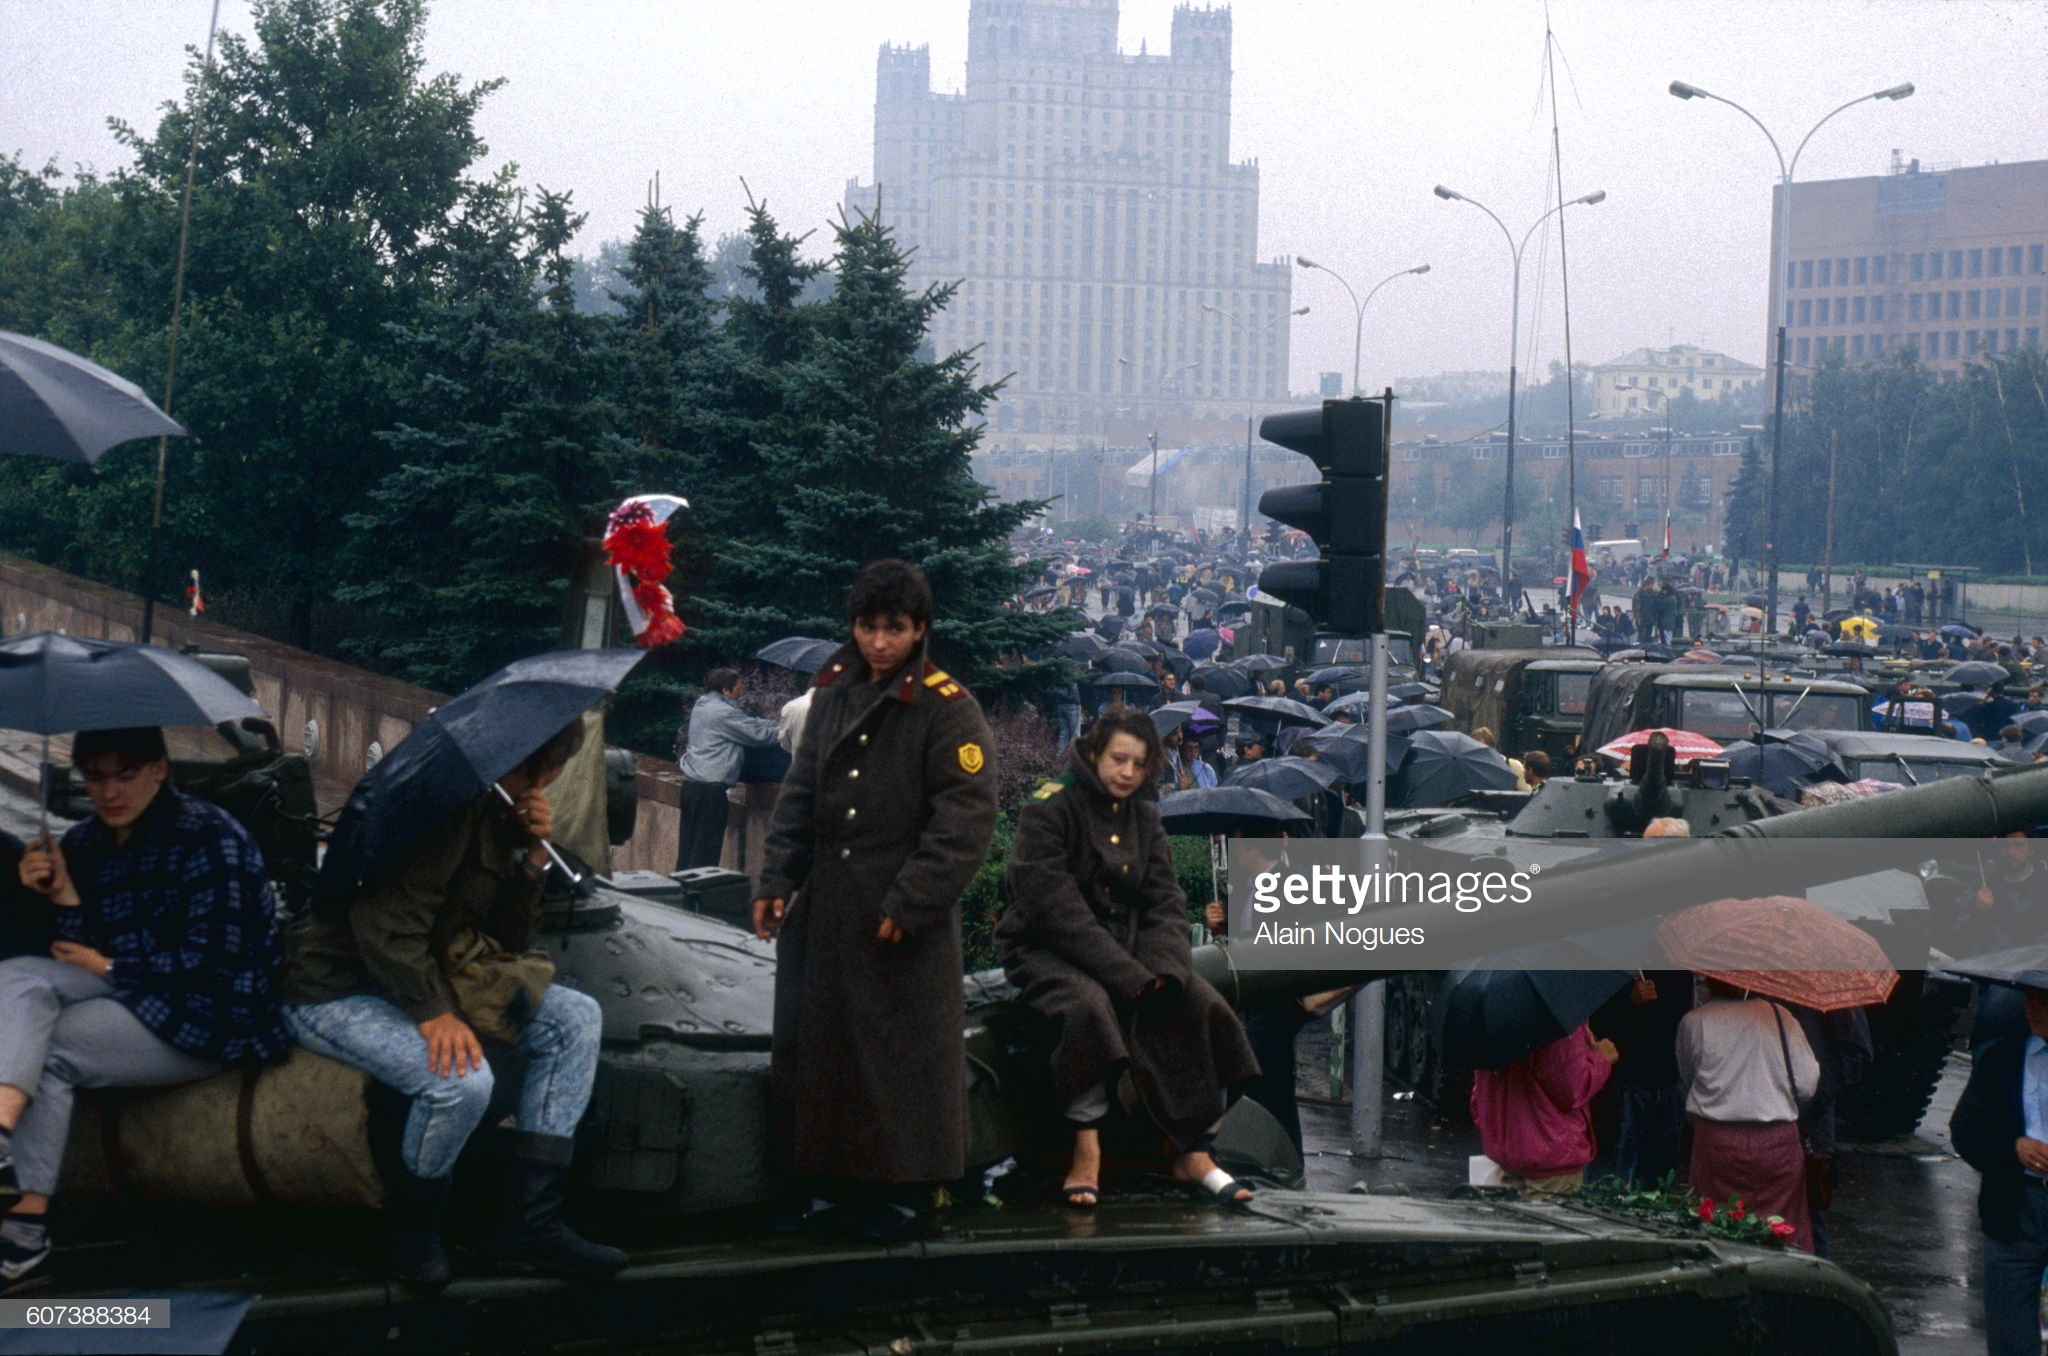 Люди возле блокпоста у Кремля